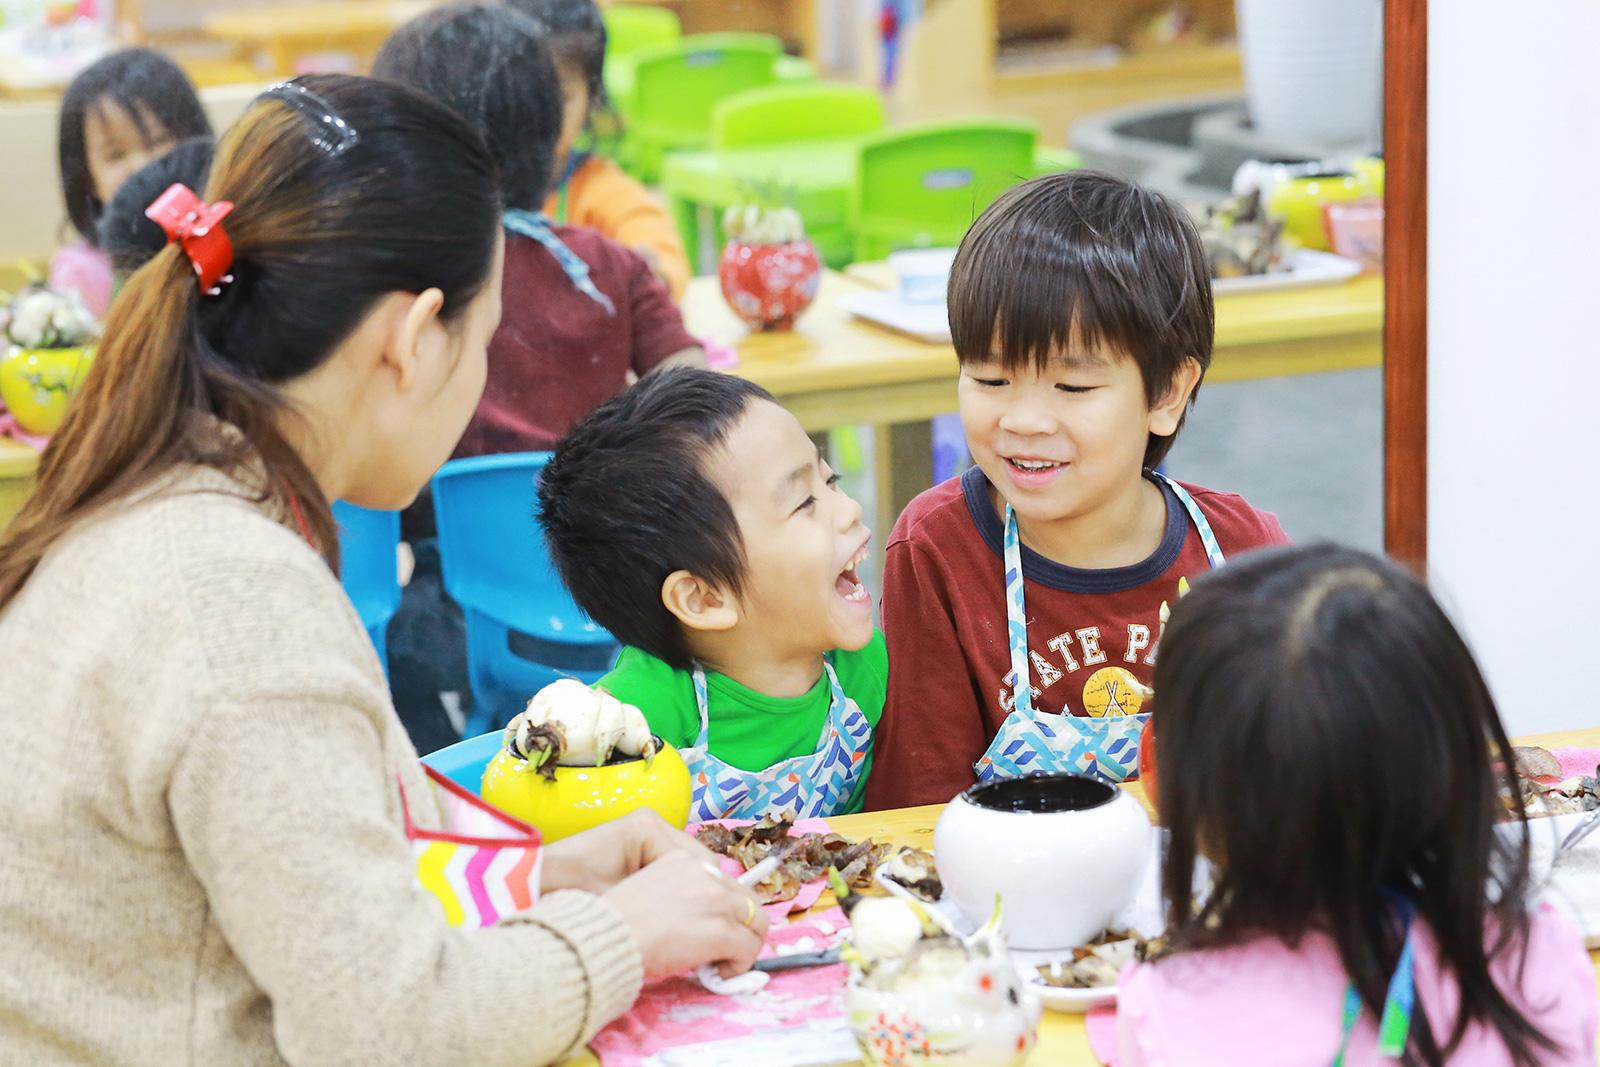 """""""Nơi cá không phải leo cây"""": Trường mầm non hay ốc đảo bình yên dành cho những em bé hạnh phúc? - Ảnh 7."""